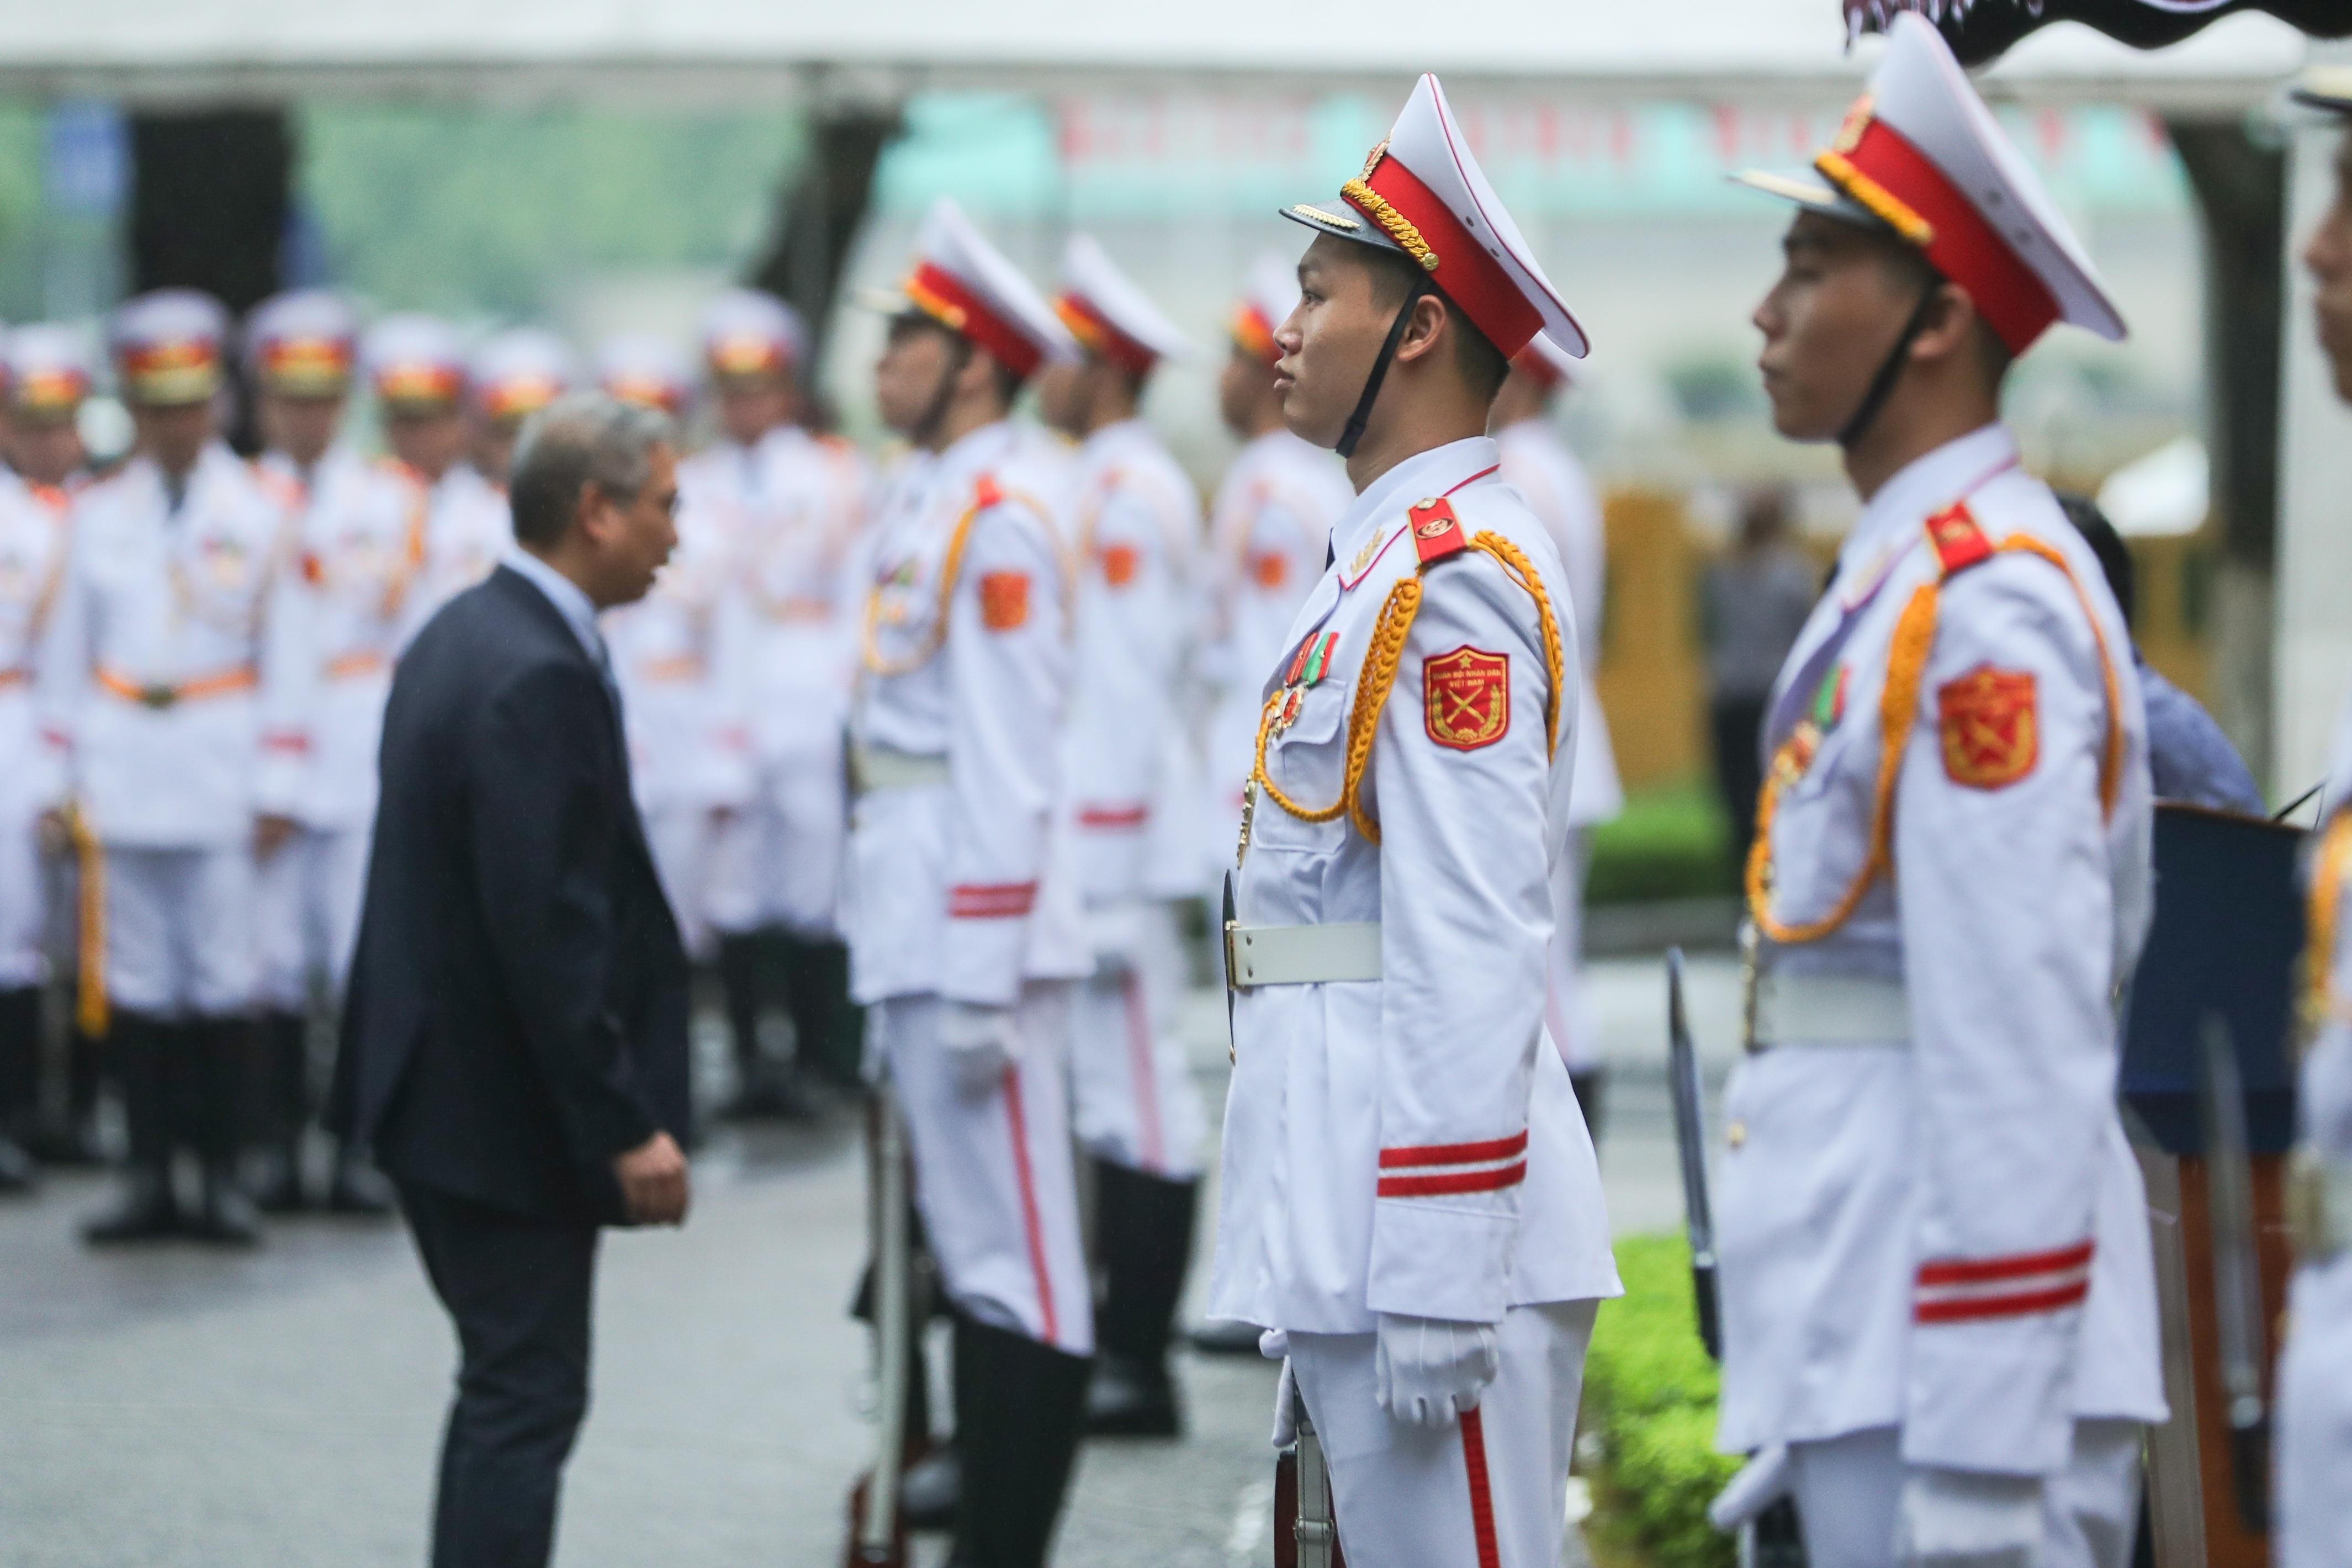 Trang trọng nghi lễ thượng cờ kỷ niệm 53 năm Ngày thành lập ASEAN - 1